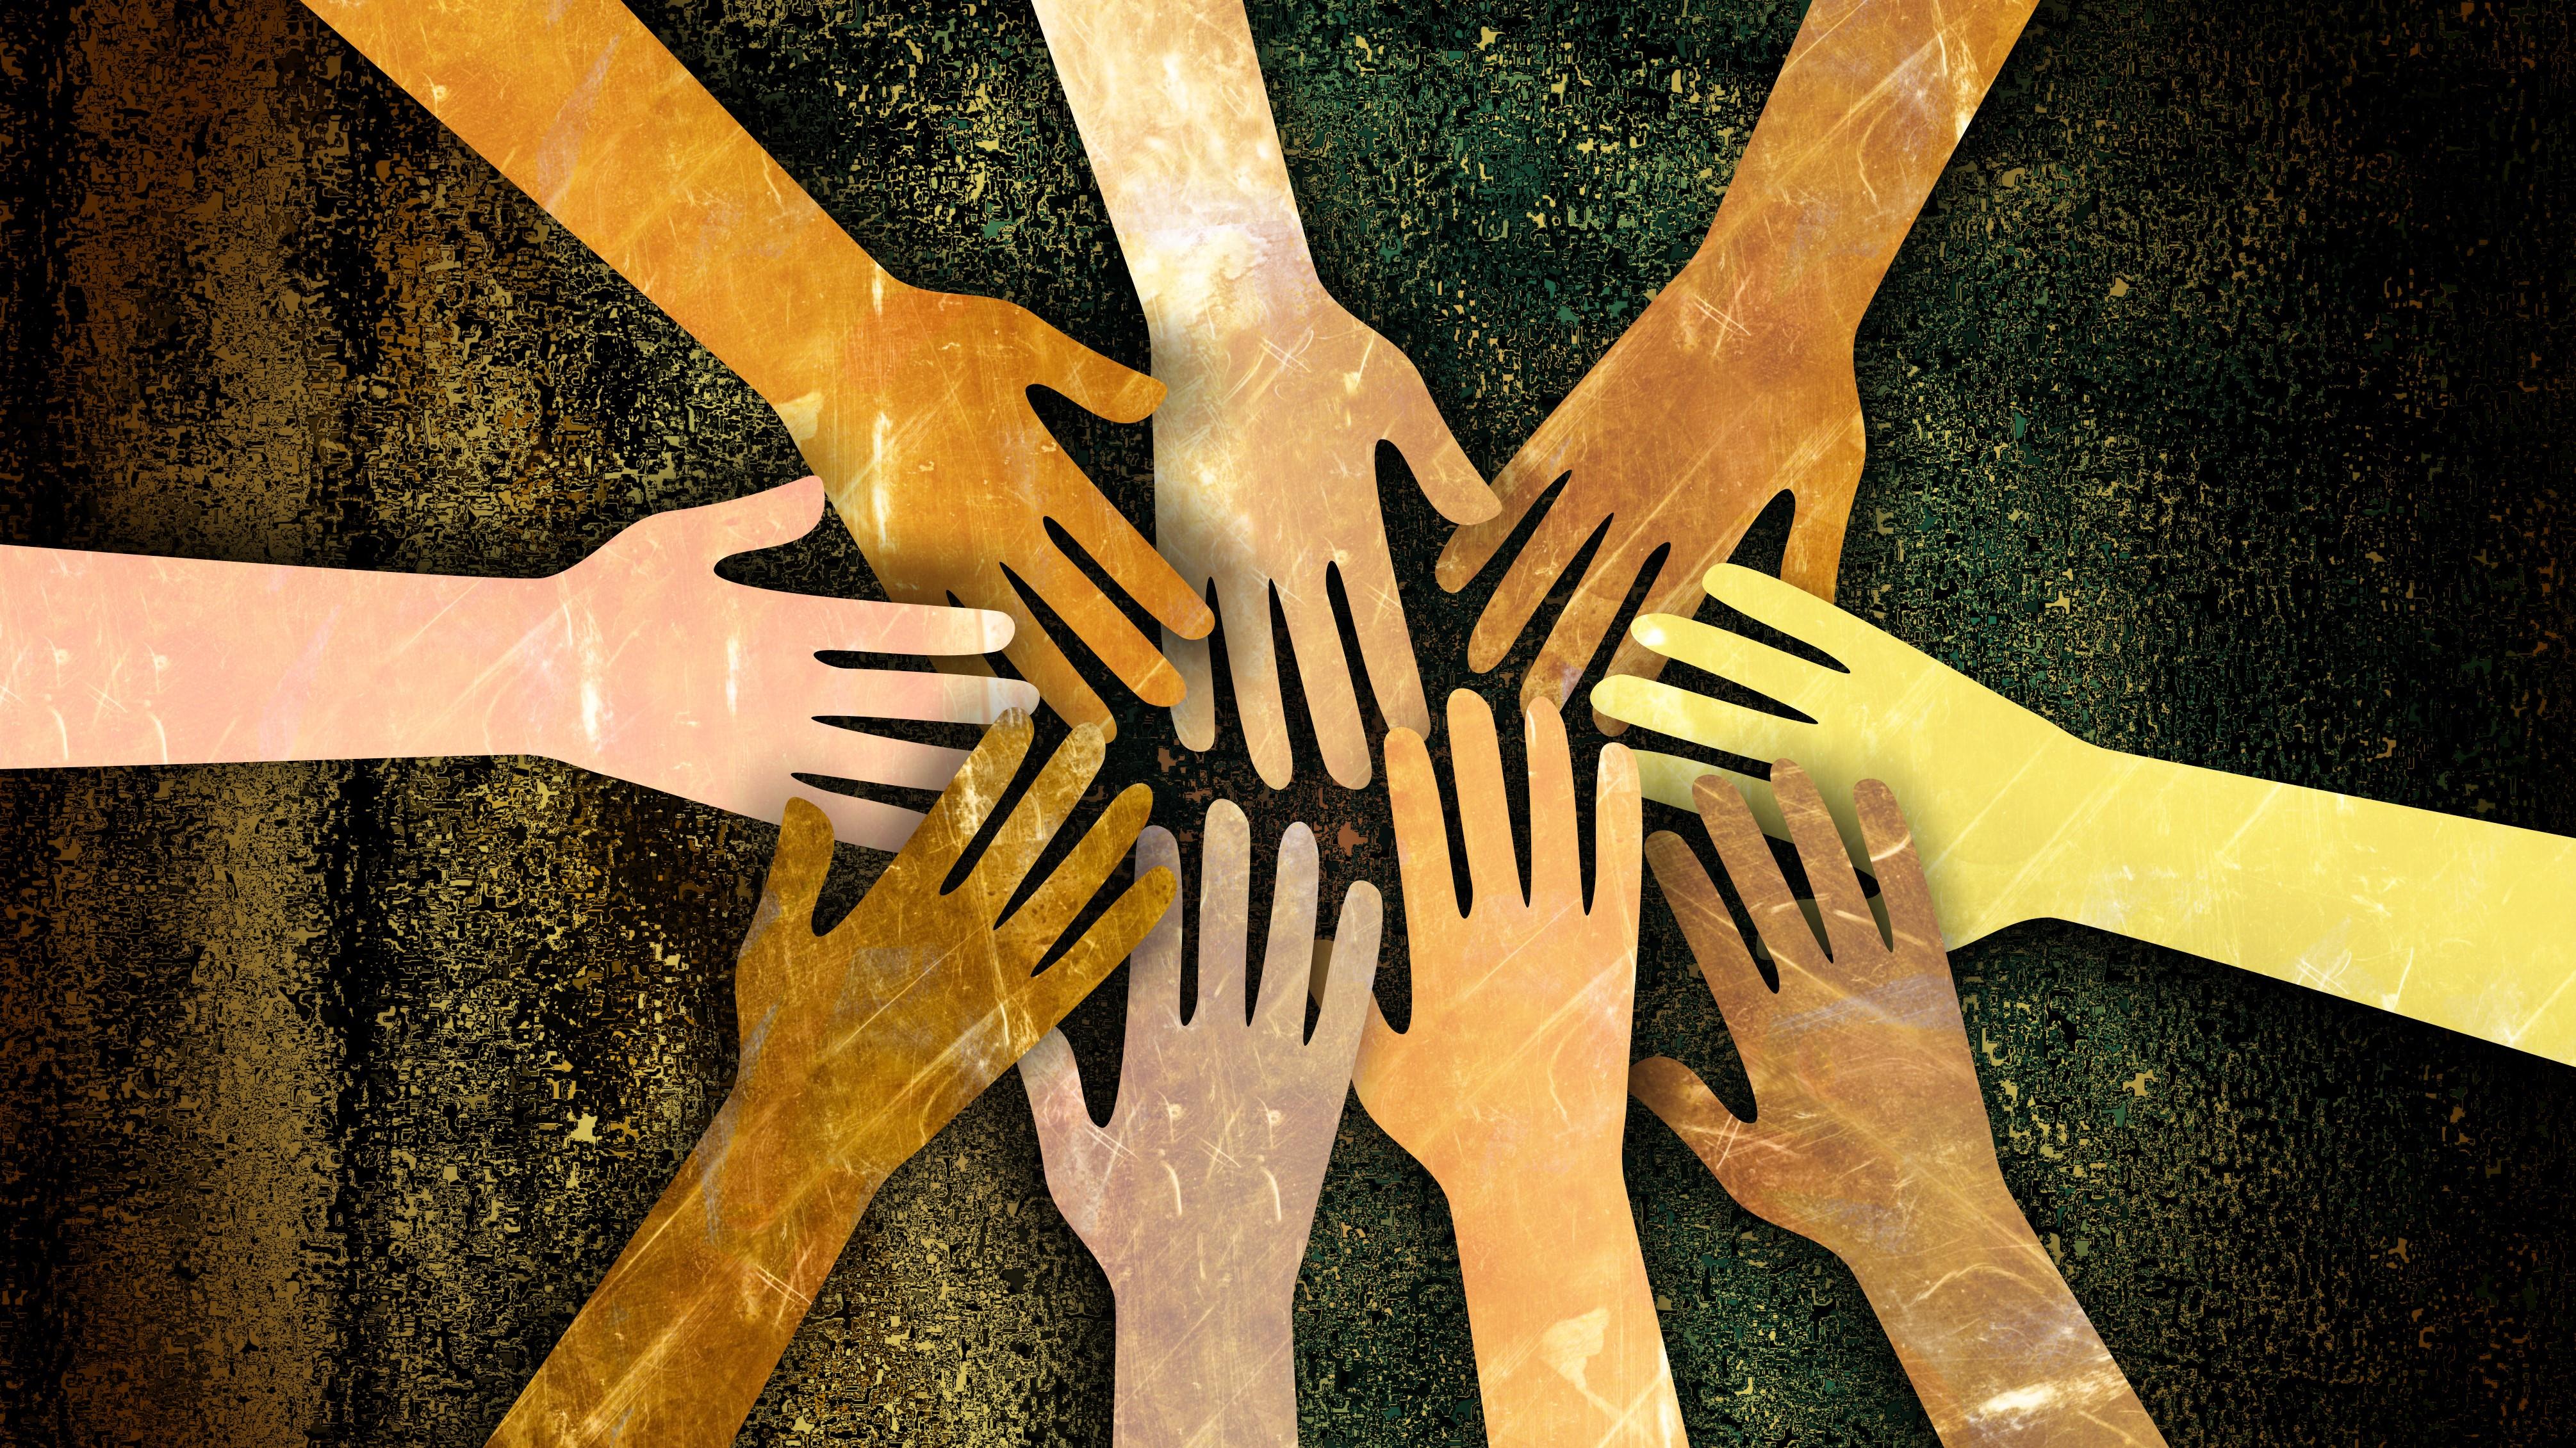 L'intégrité dans la foi implique de rassembler des personnes diverses